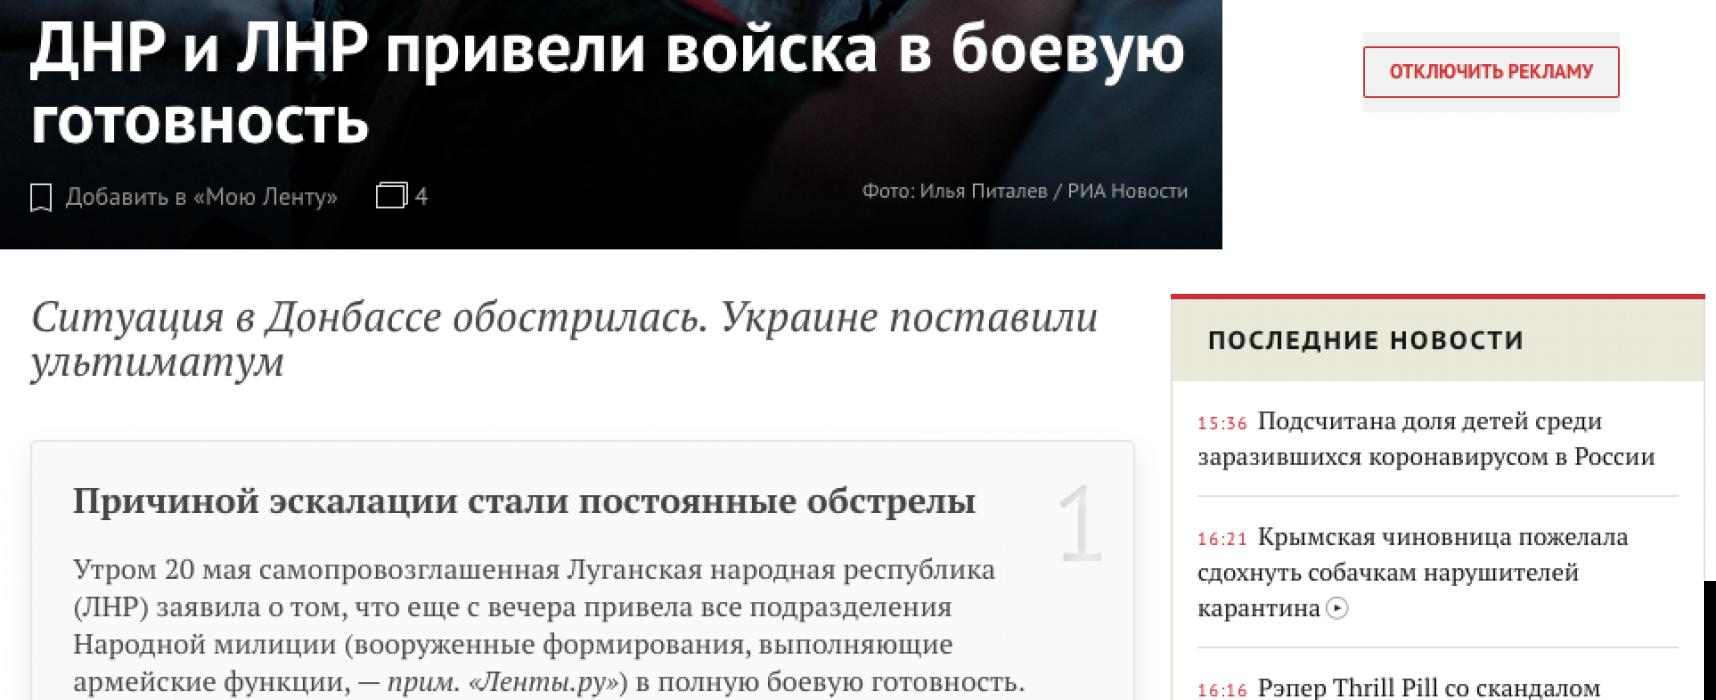 Фейк: Боевики на Донбассе повысили боеготовность, потому что Украина не прекращает обстрелы и саботирует переговоры